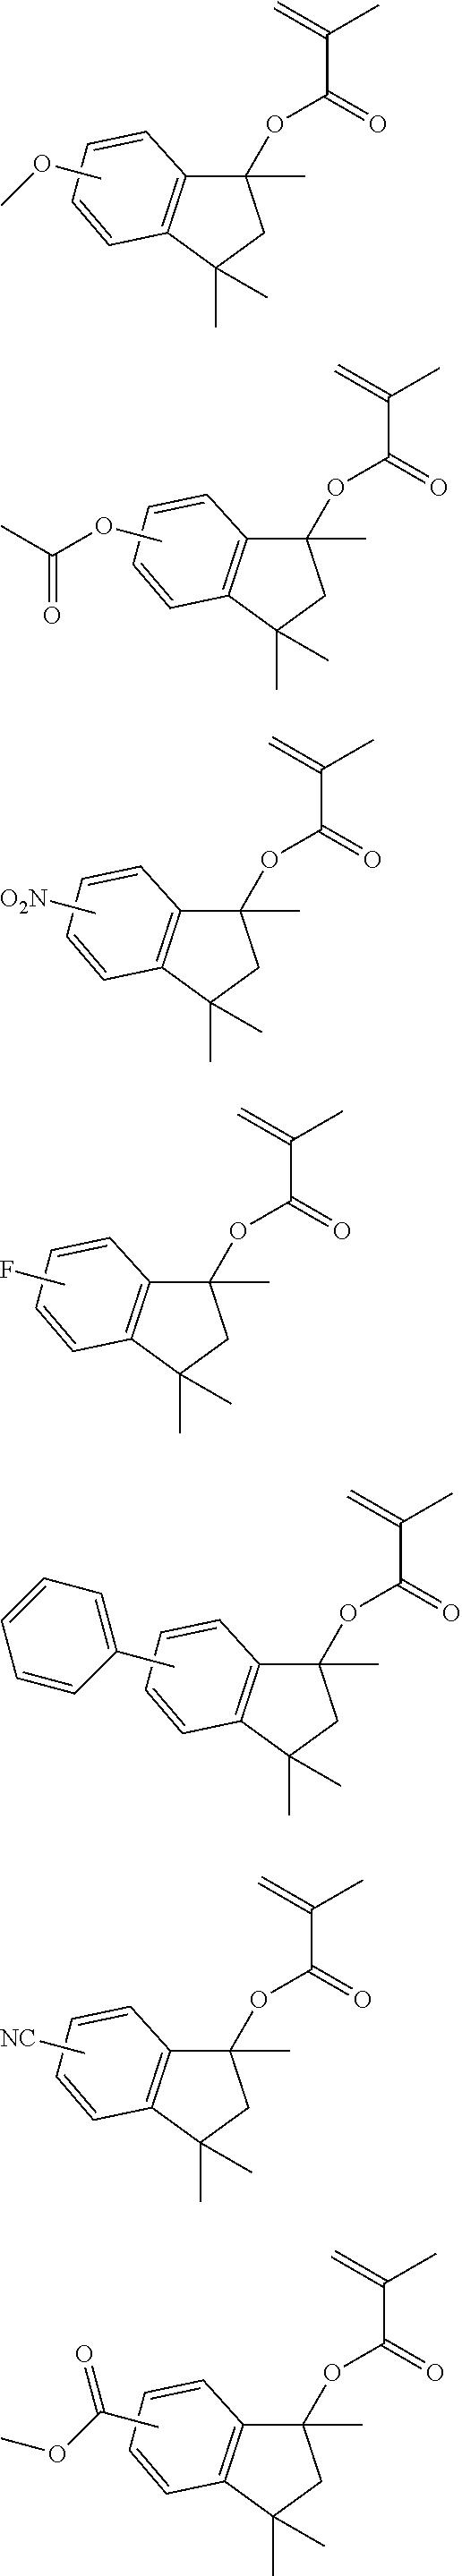 Figure US09040223-20150526-C00103